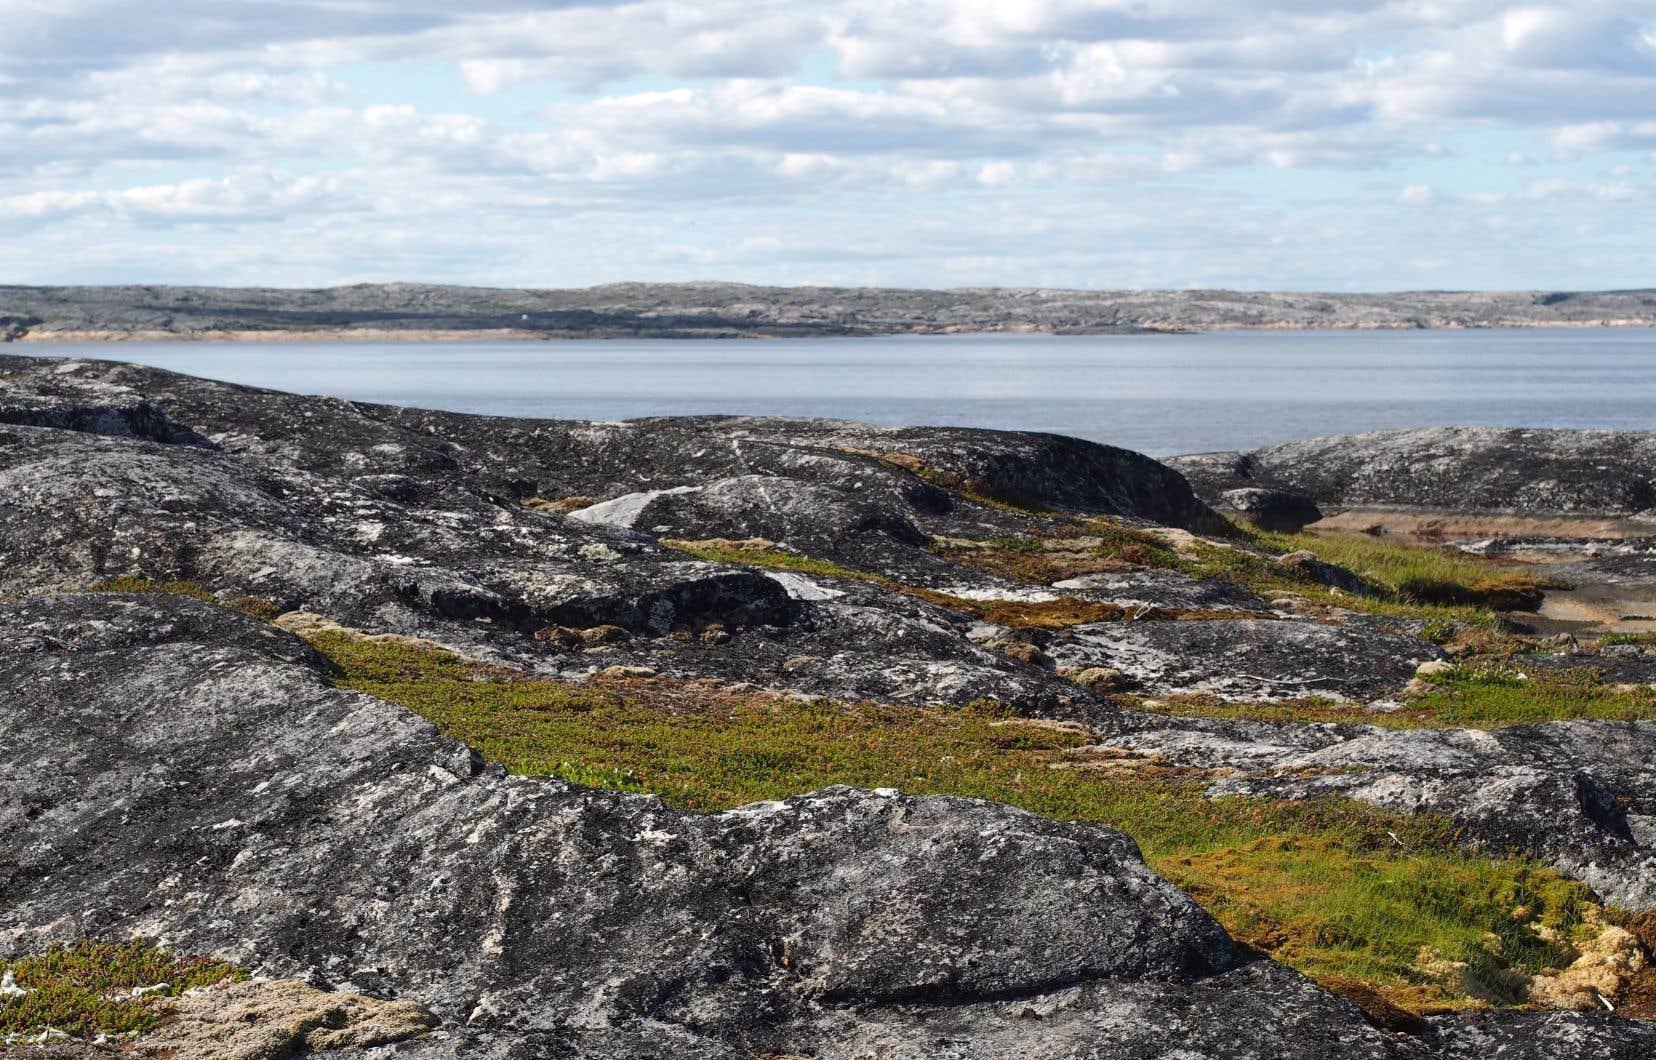 La rivière Koksoak serpente dans la toundra arctique, au milieu de sommets rocheux et sans arbres, parsemés de mousses et de lichens. Son bassin fluvial est recouvert de pergélisol.